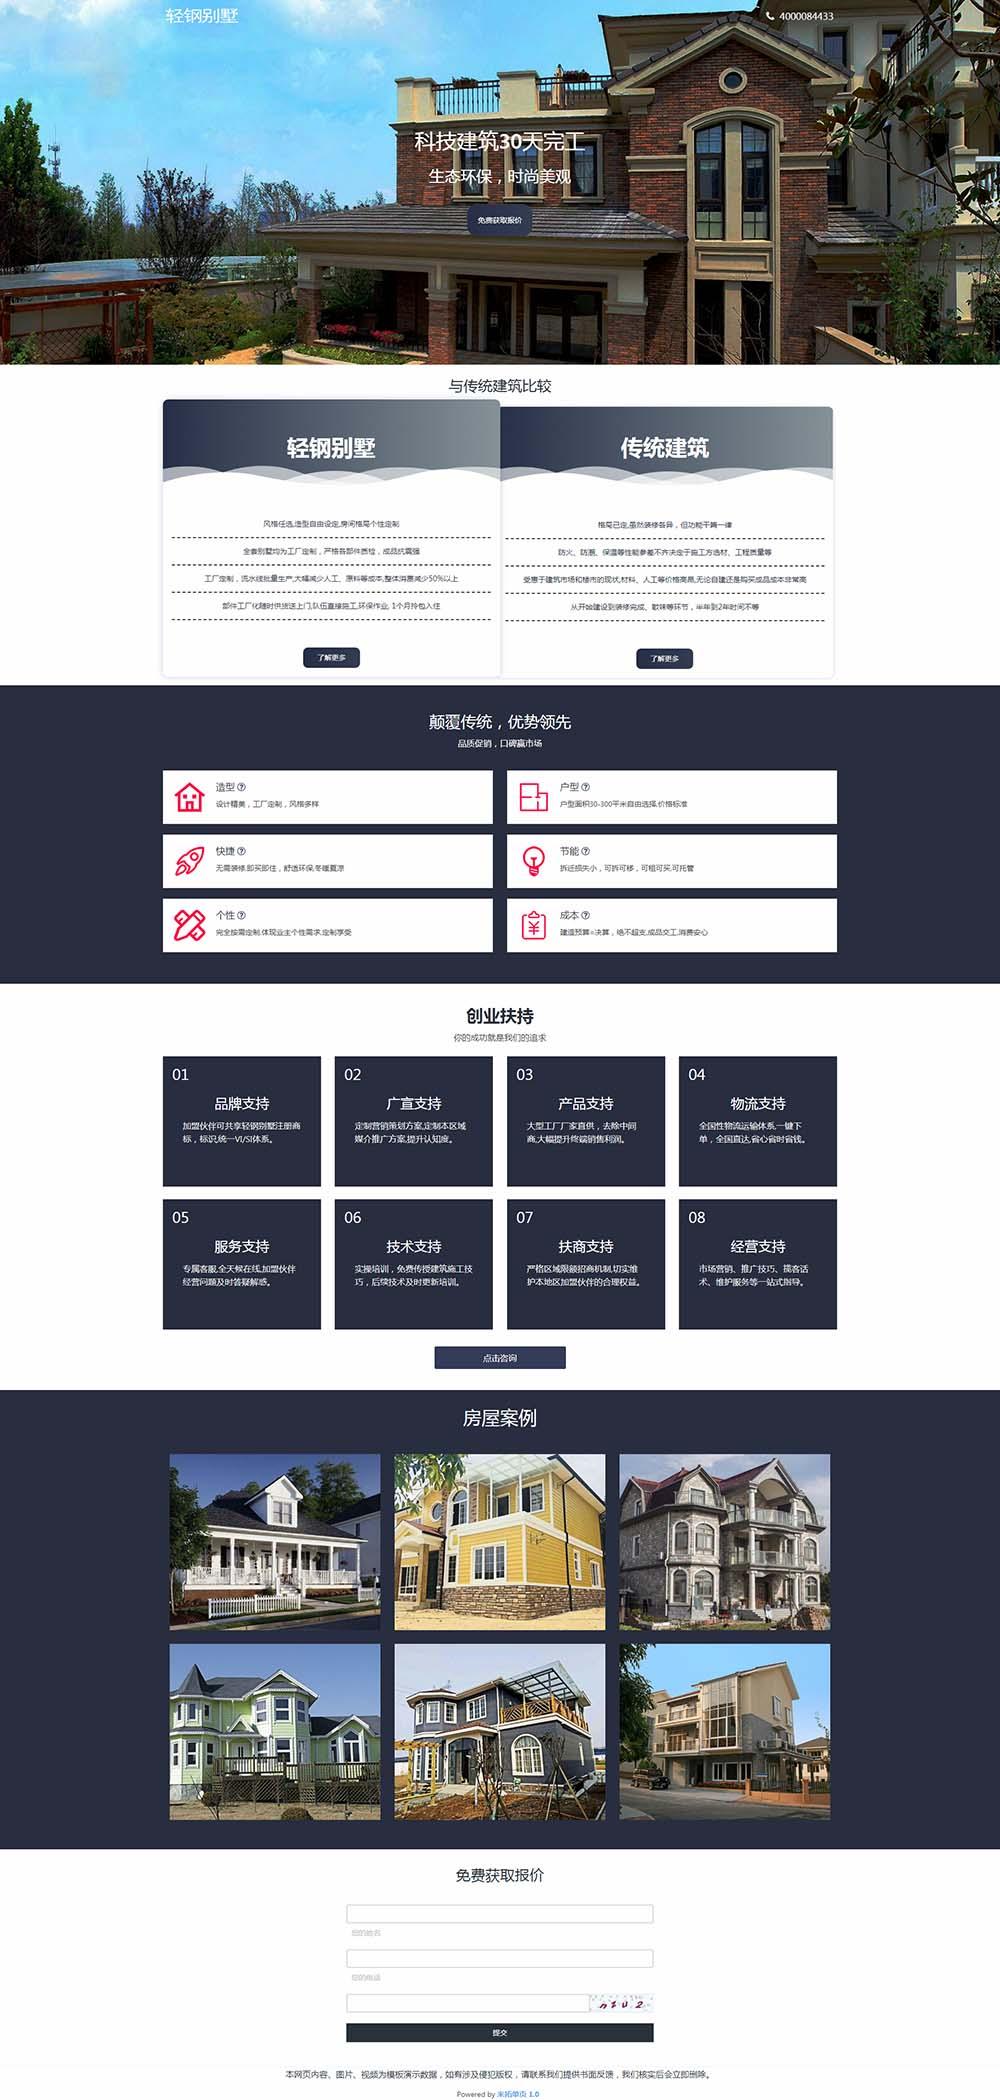 轻钢别墅落地页模板|广告页模板|宣传页模板|推广页|专题页设计制作